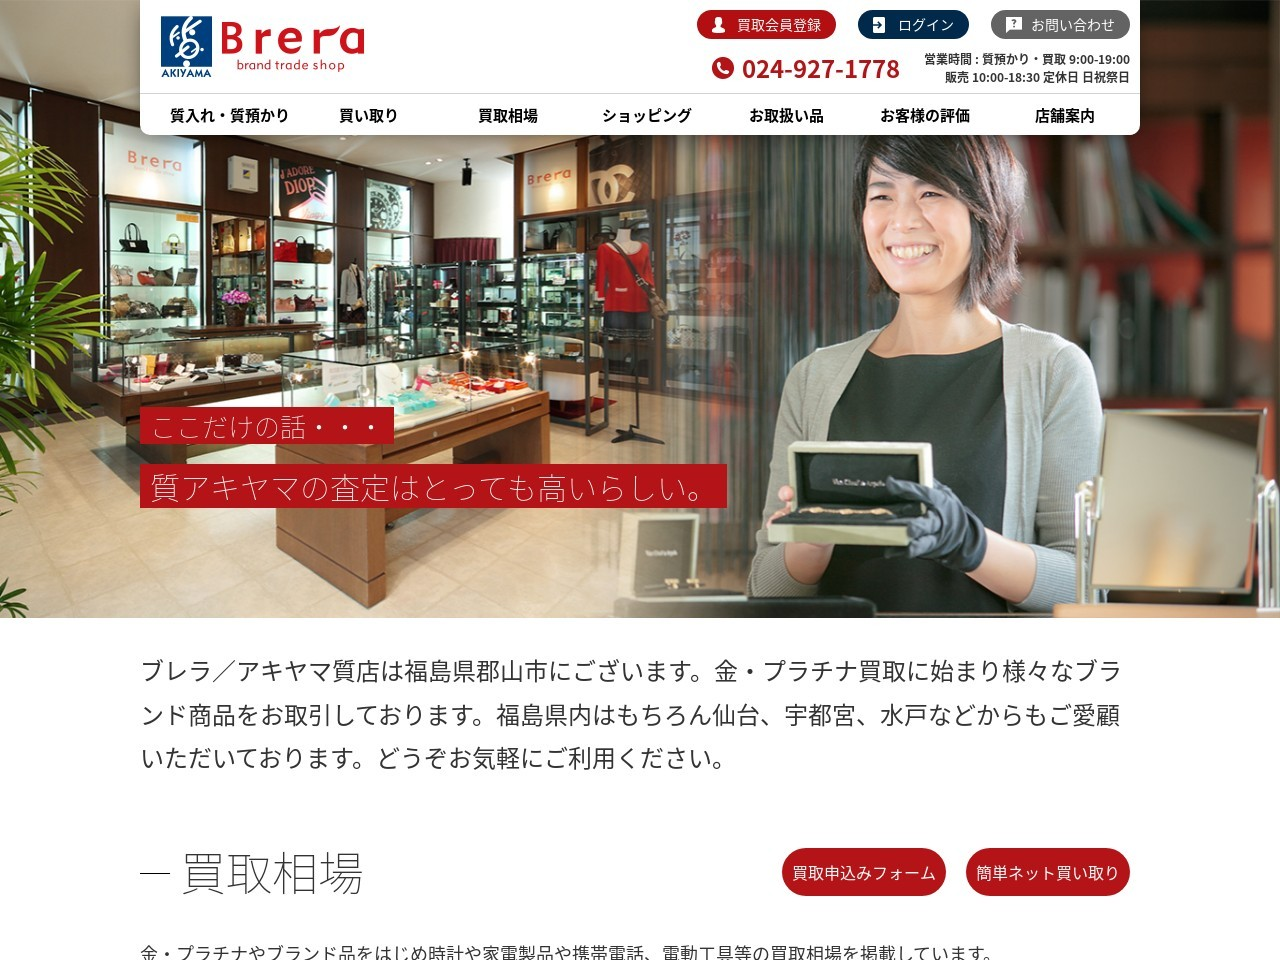 アキヤマ質店・Brera(ブレラ)|福島県はもとより仙台、宇都宮、水戸からの買取も歓迎